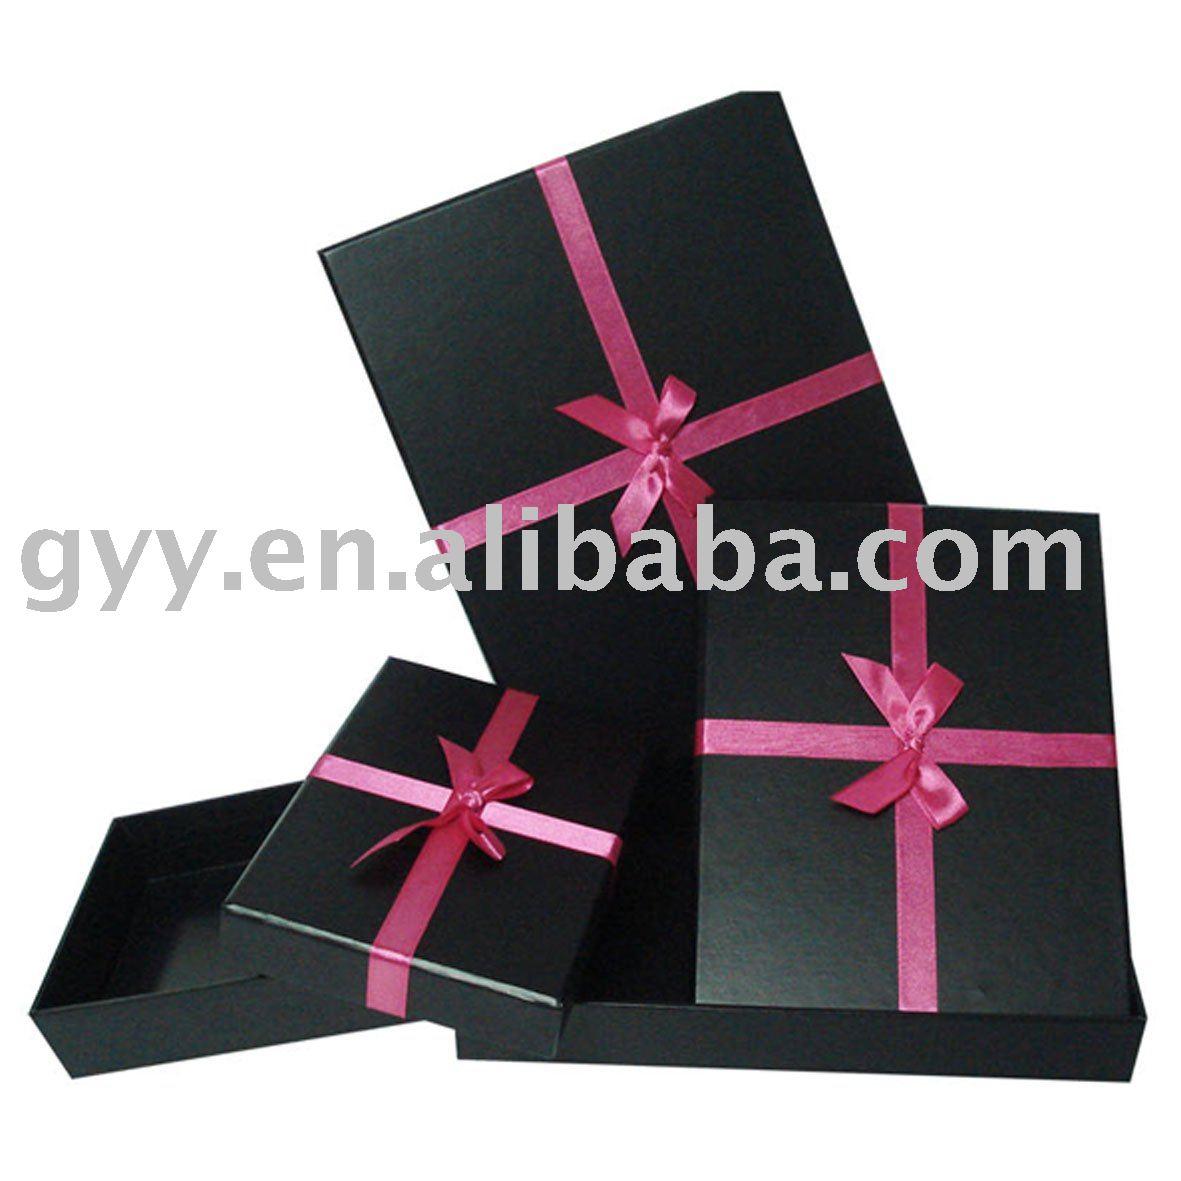 bo te d 39 emballage cadeau caisses d 39 emballage id du produit 390552399. Black Bedroom Furniture Sets. Home Design Ideas